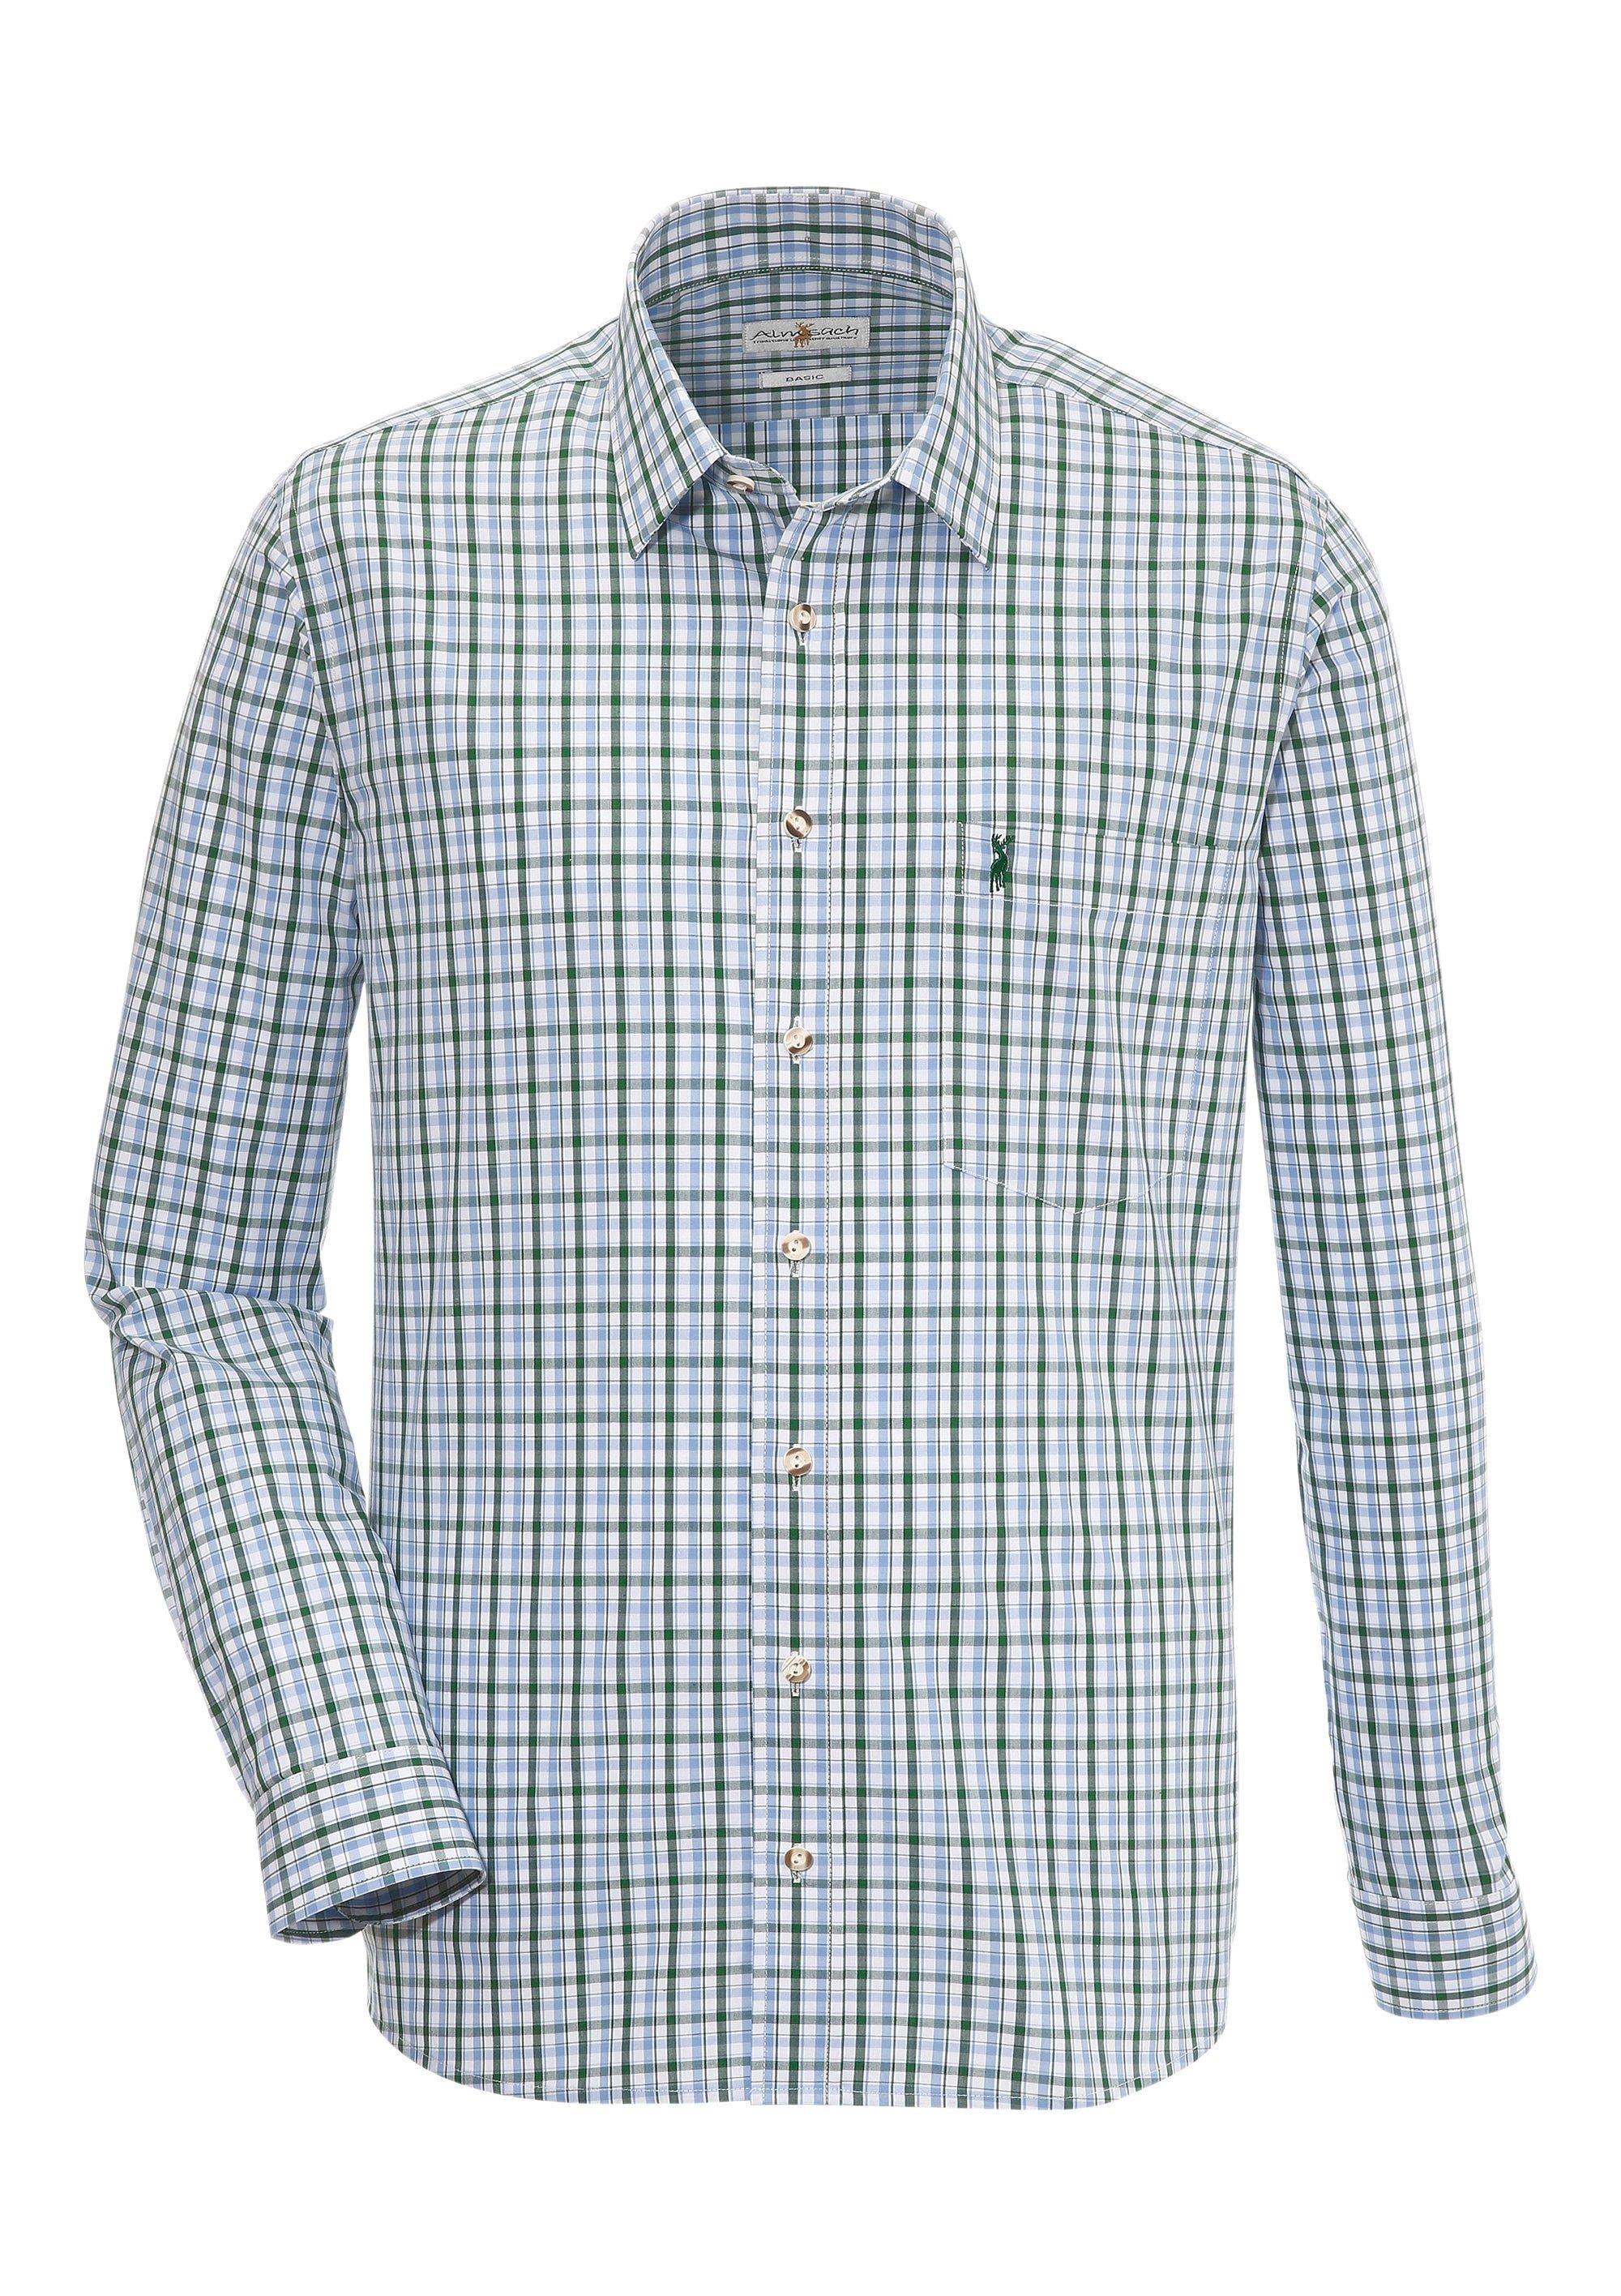 Image of Almsach Trachtenhemd im Karo-Design